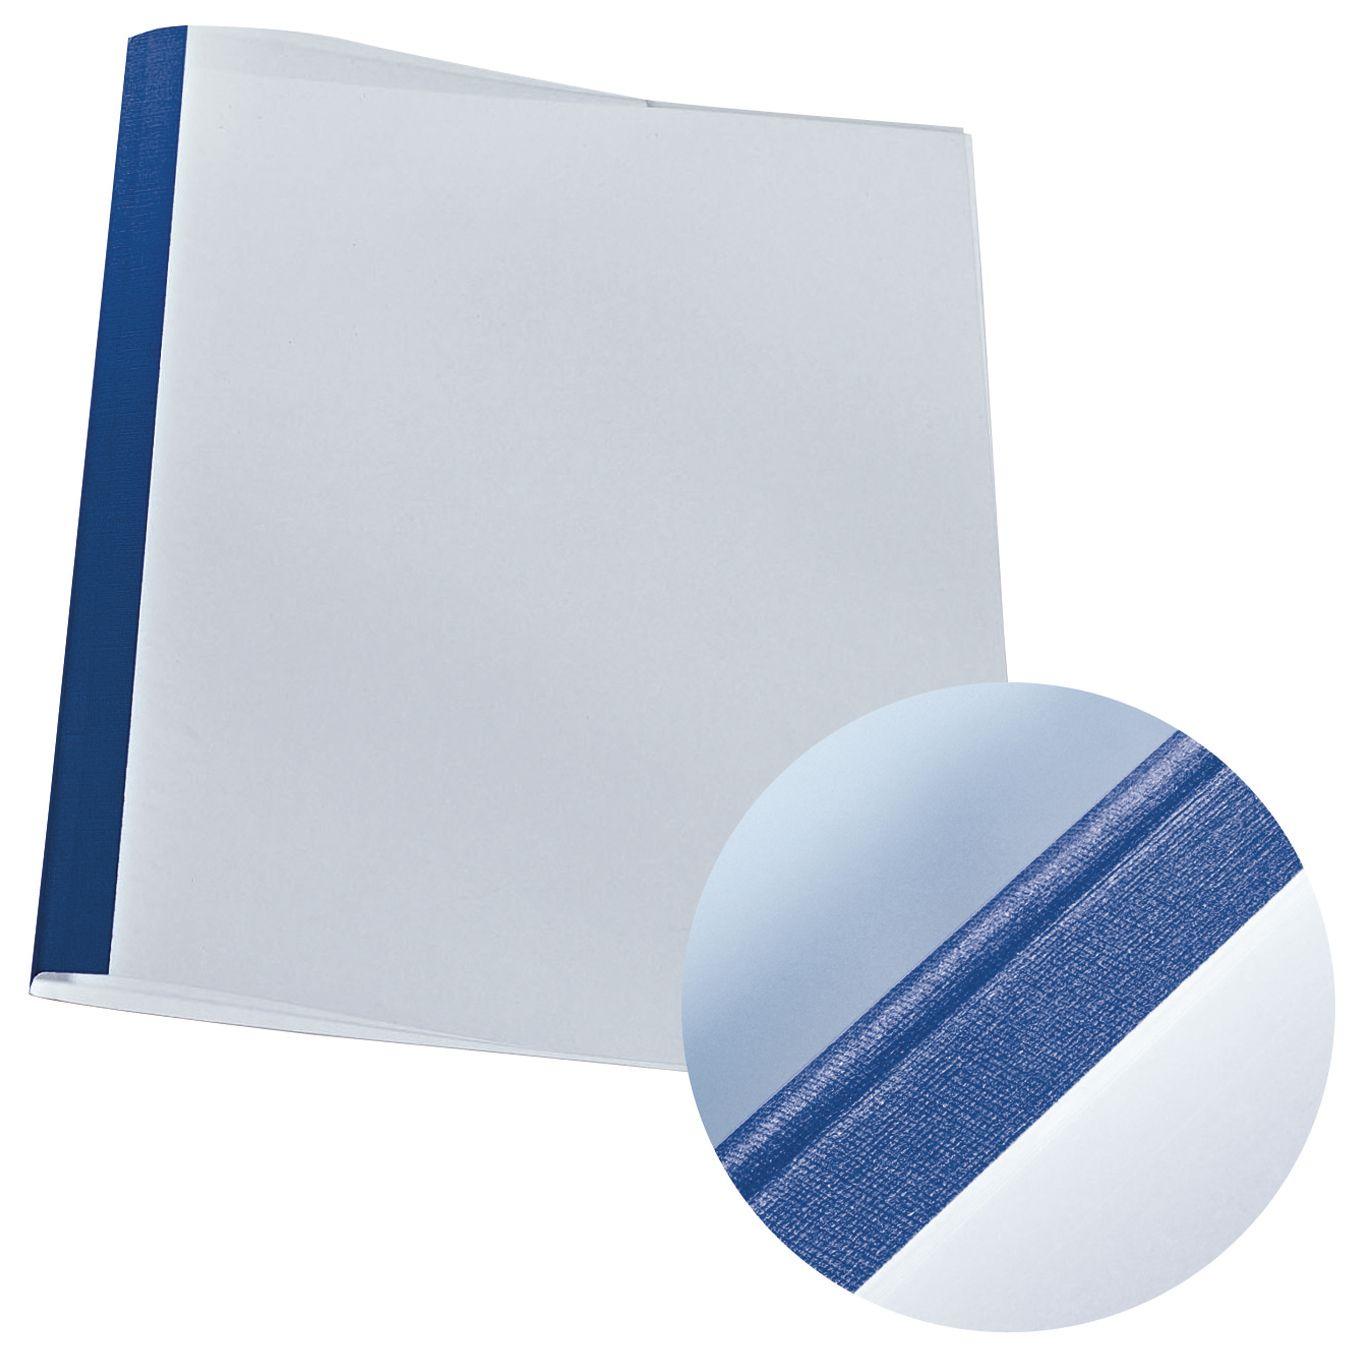 Leitz Liminnbindingsomslag 3mm blå/klar pk 25 (fp med 25 stk) 177119